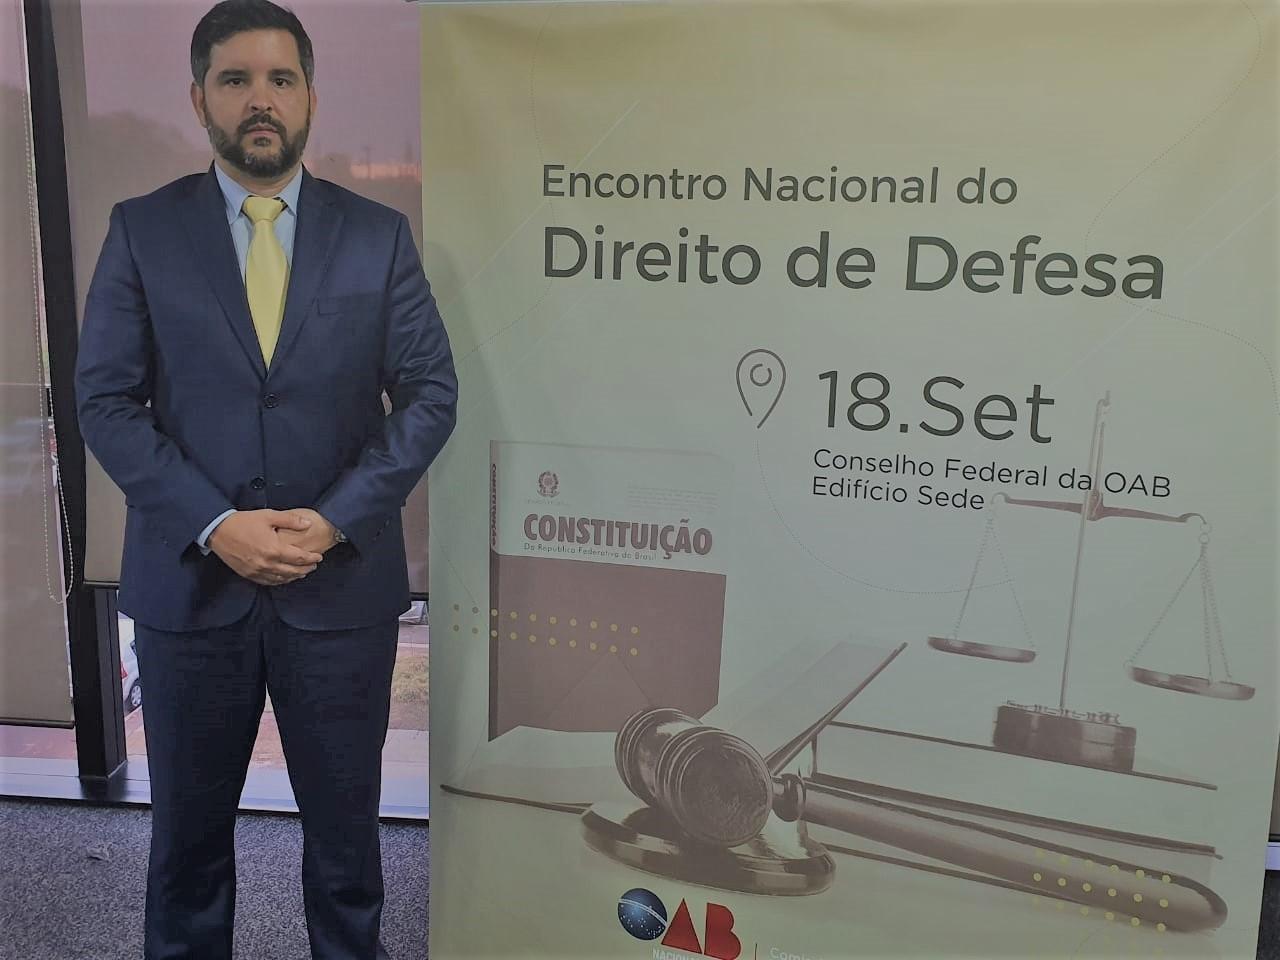 2019-09 FRANCISCO ORTIGÃO ADVOGADOS - ENCONTRO NACIONAL DO DIREITO DE DEFESA 1